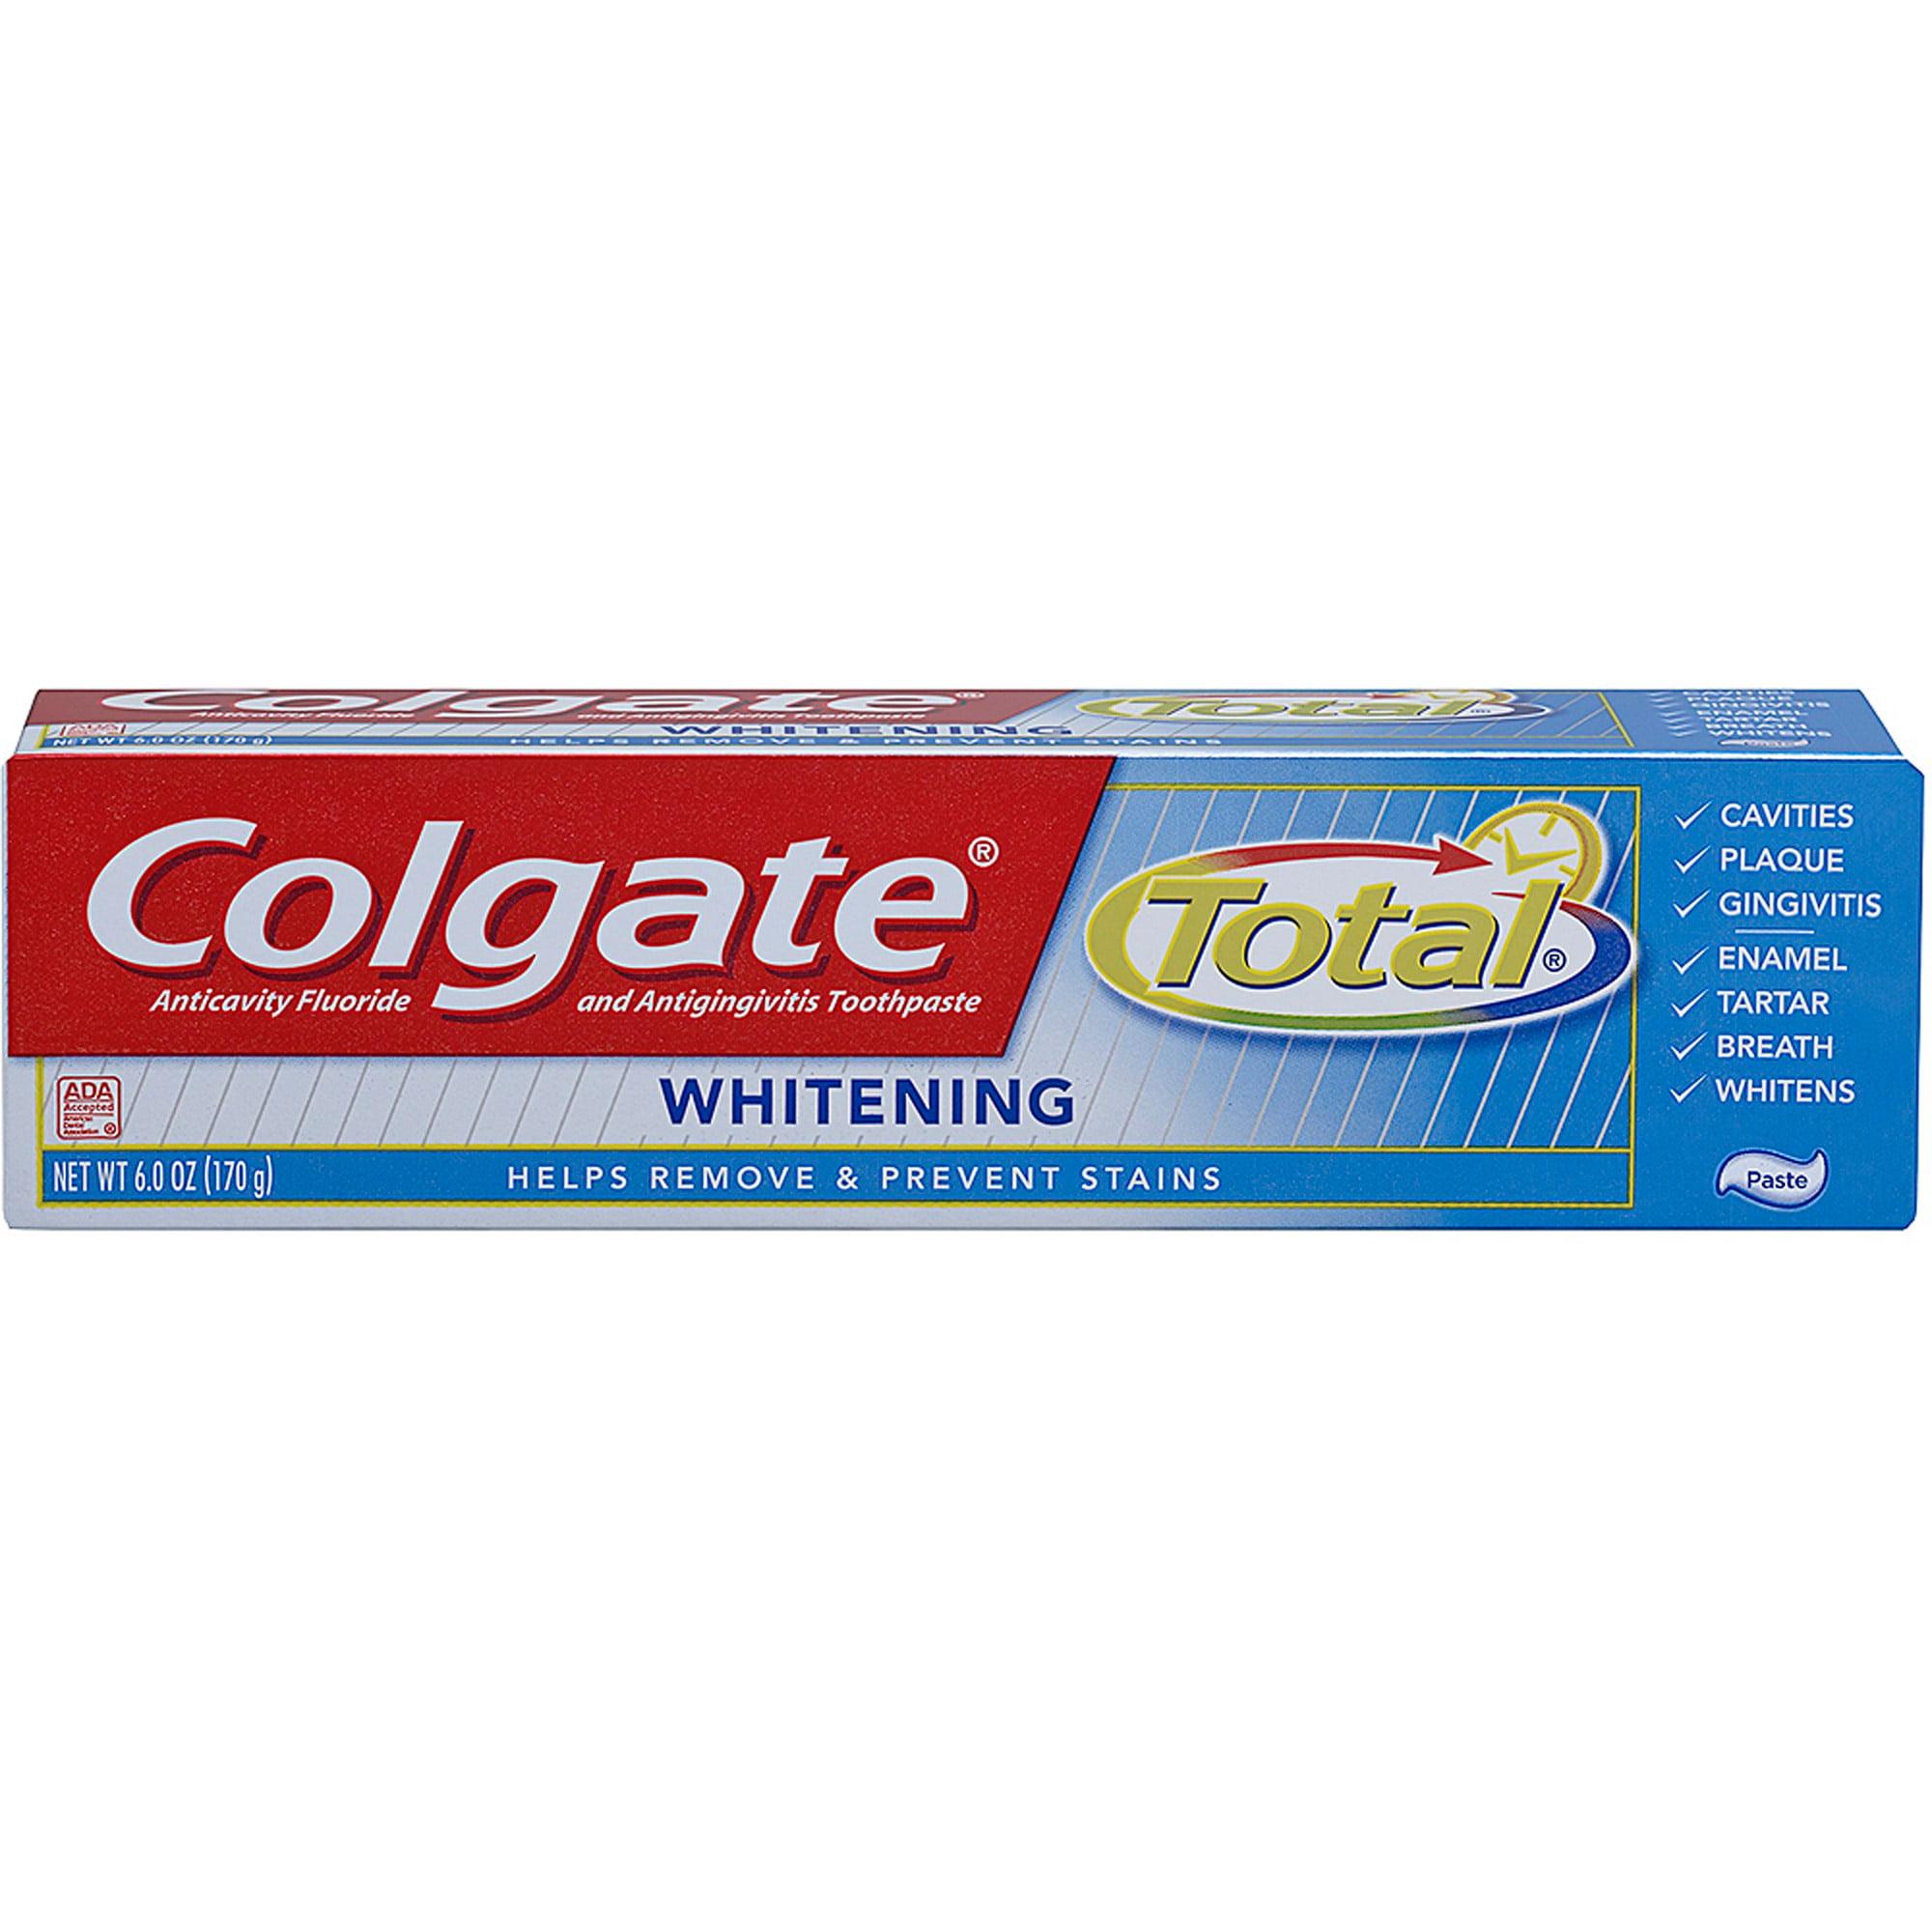 Colgate Total + Whitening Toothpaste, 6 oz